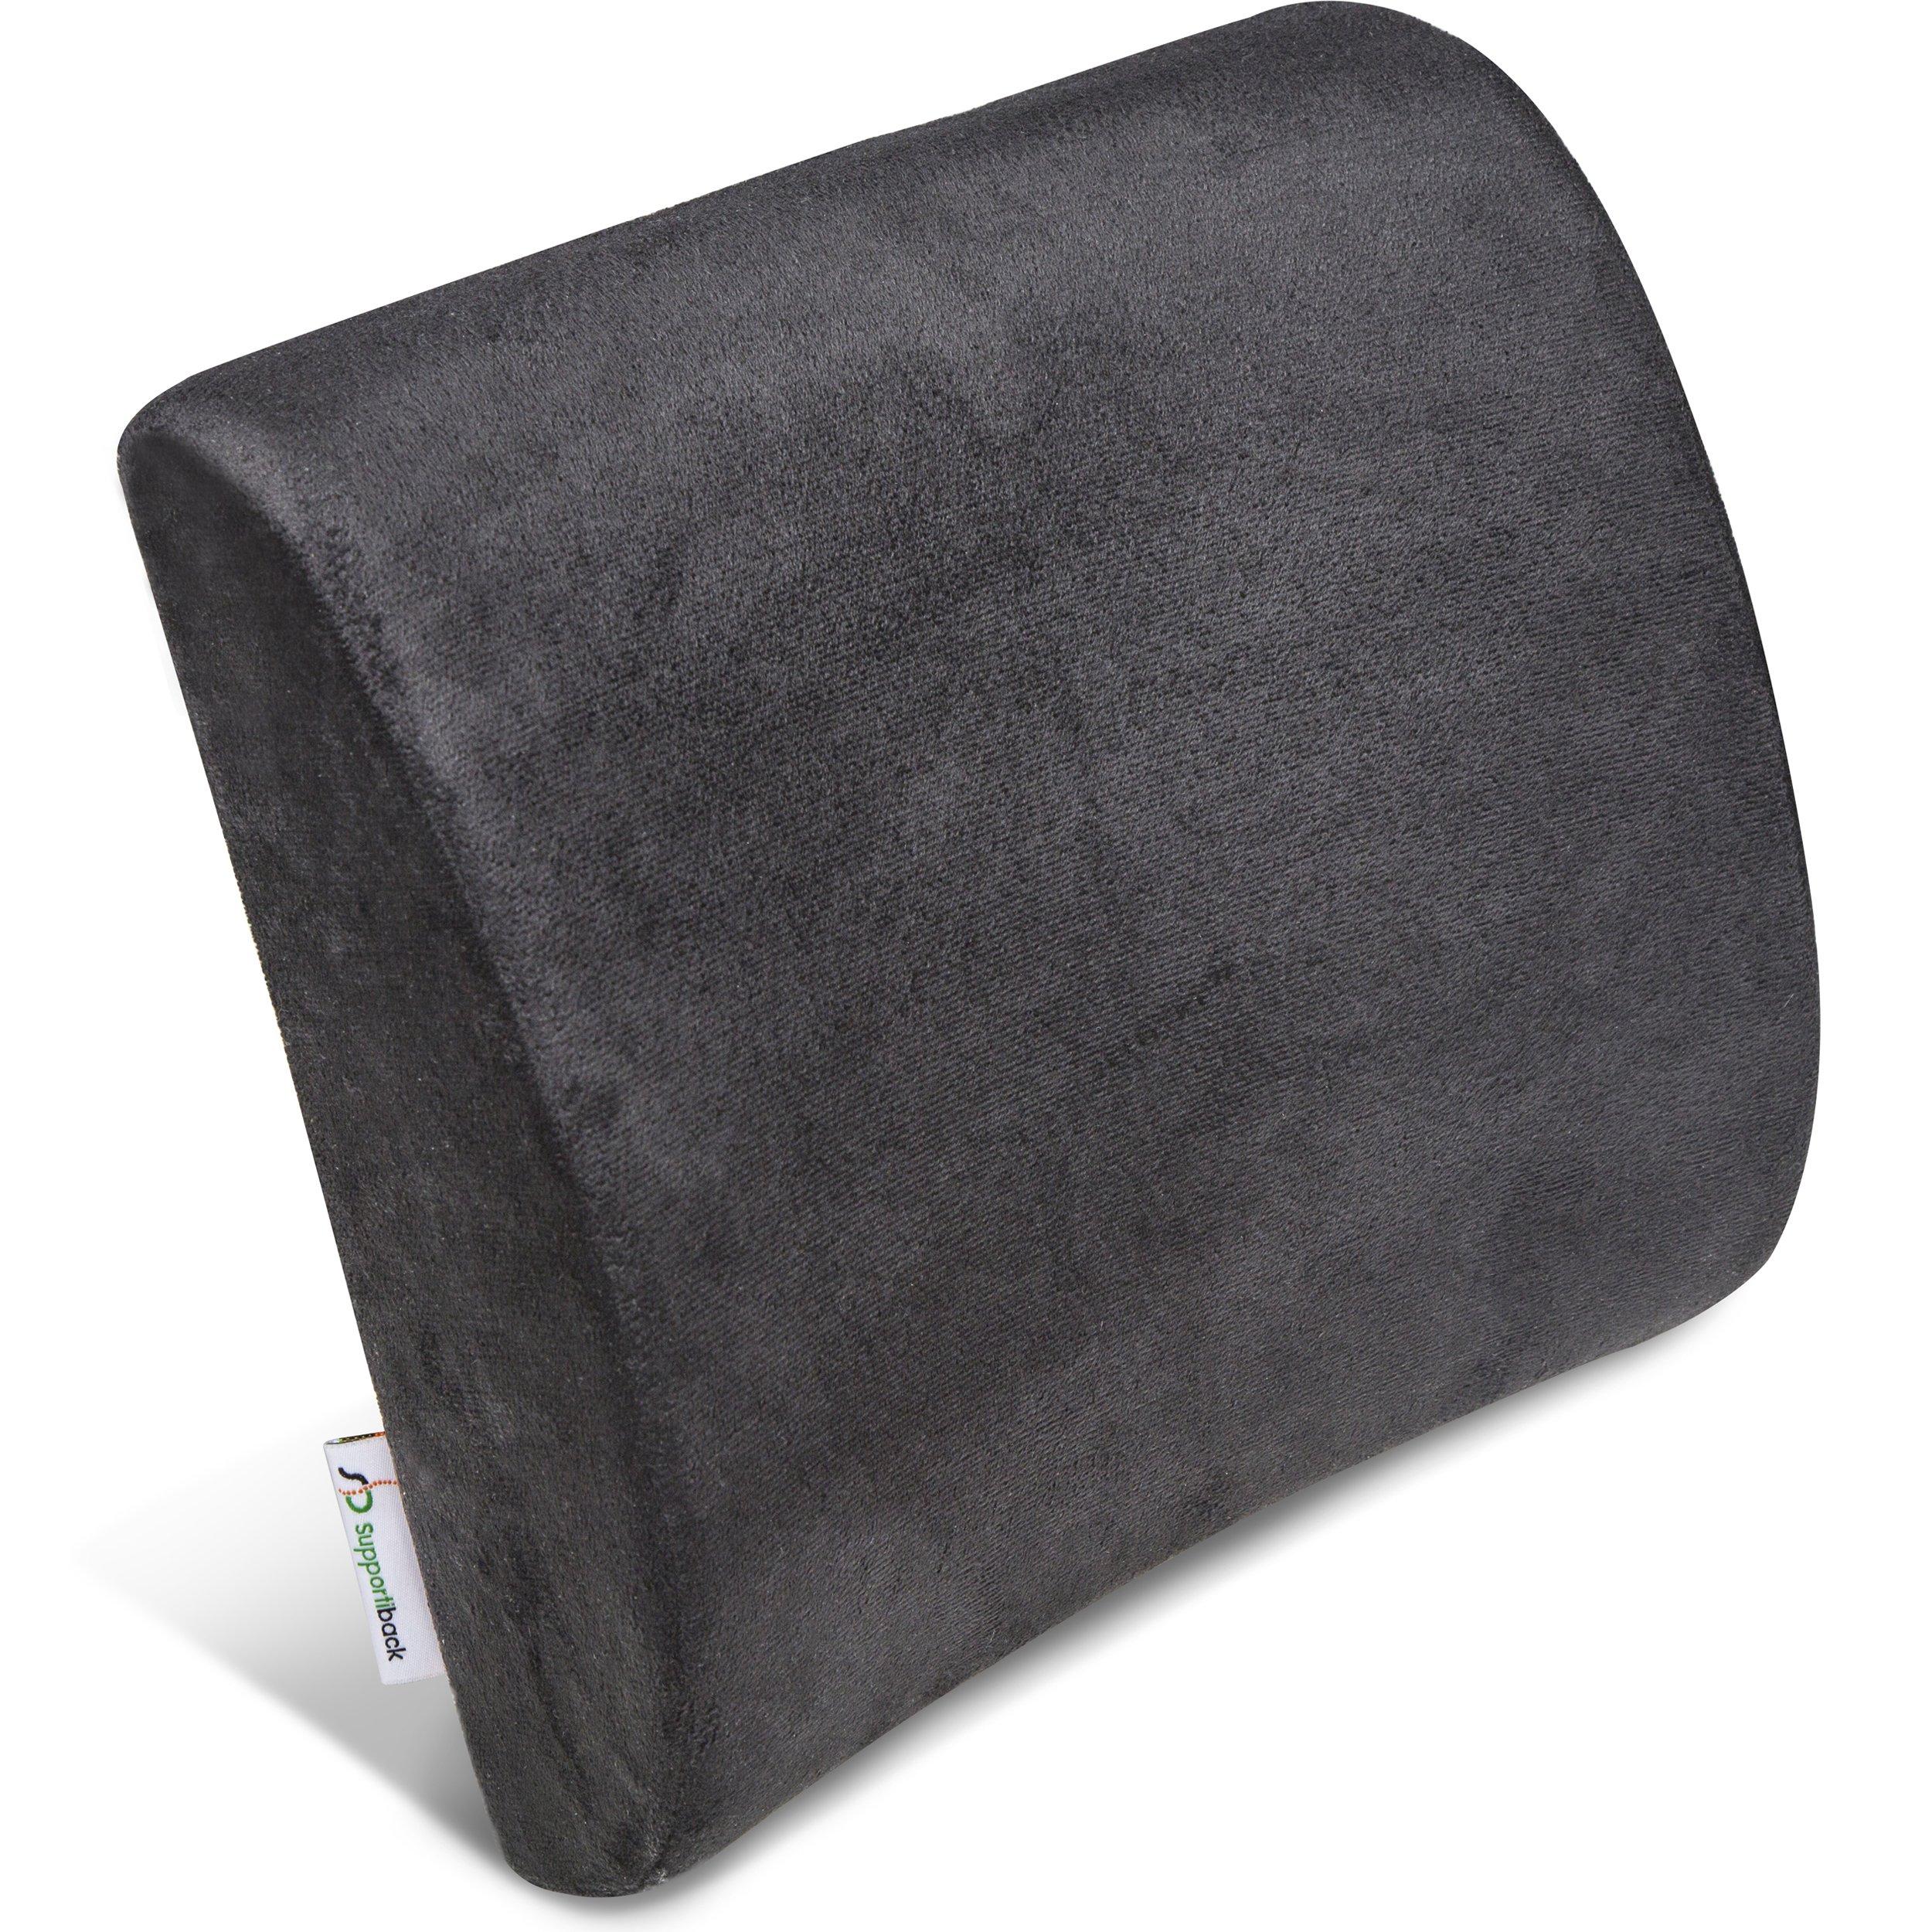 supportiback® Cojín Lumbar de apoyo terapéutica – Memoria de forma ergonómico – Apoyo del mochila